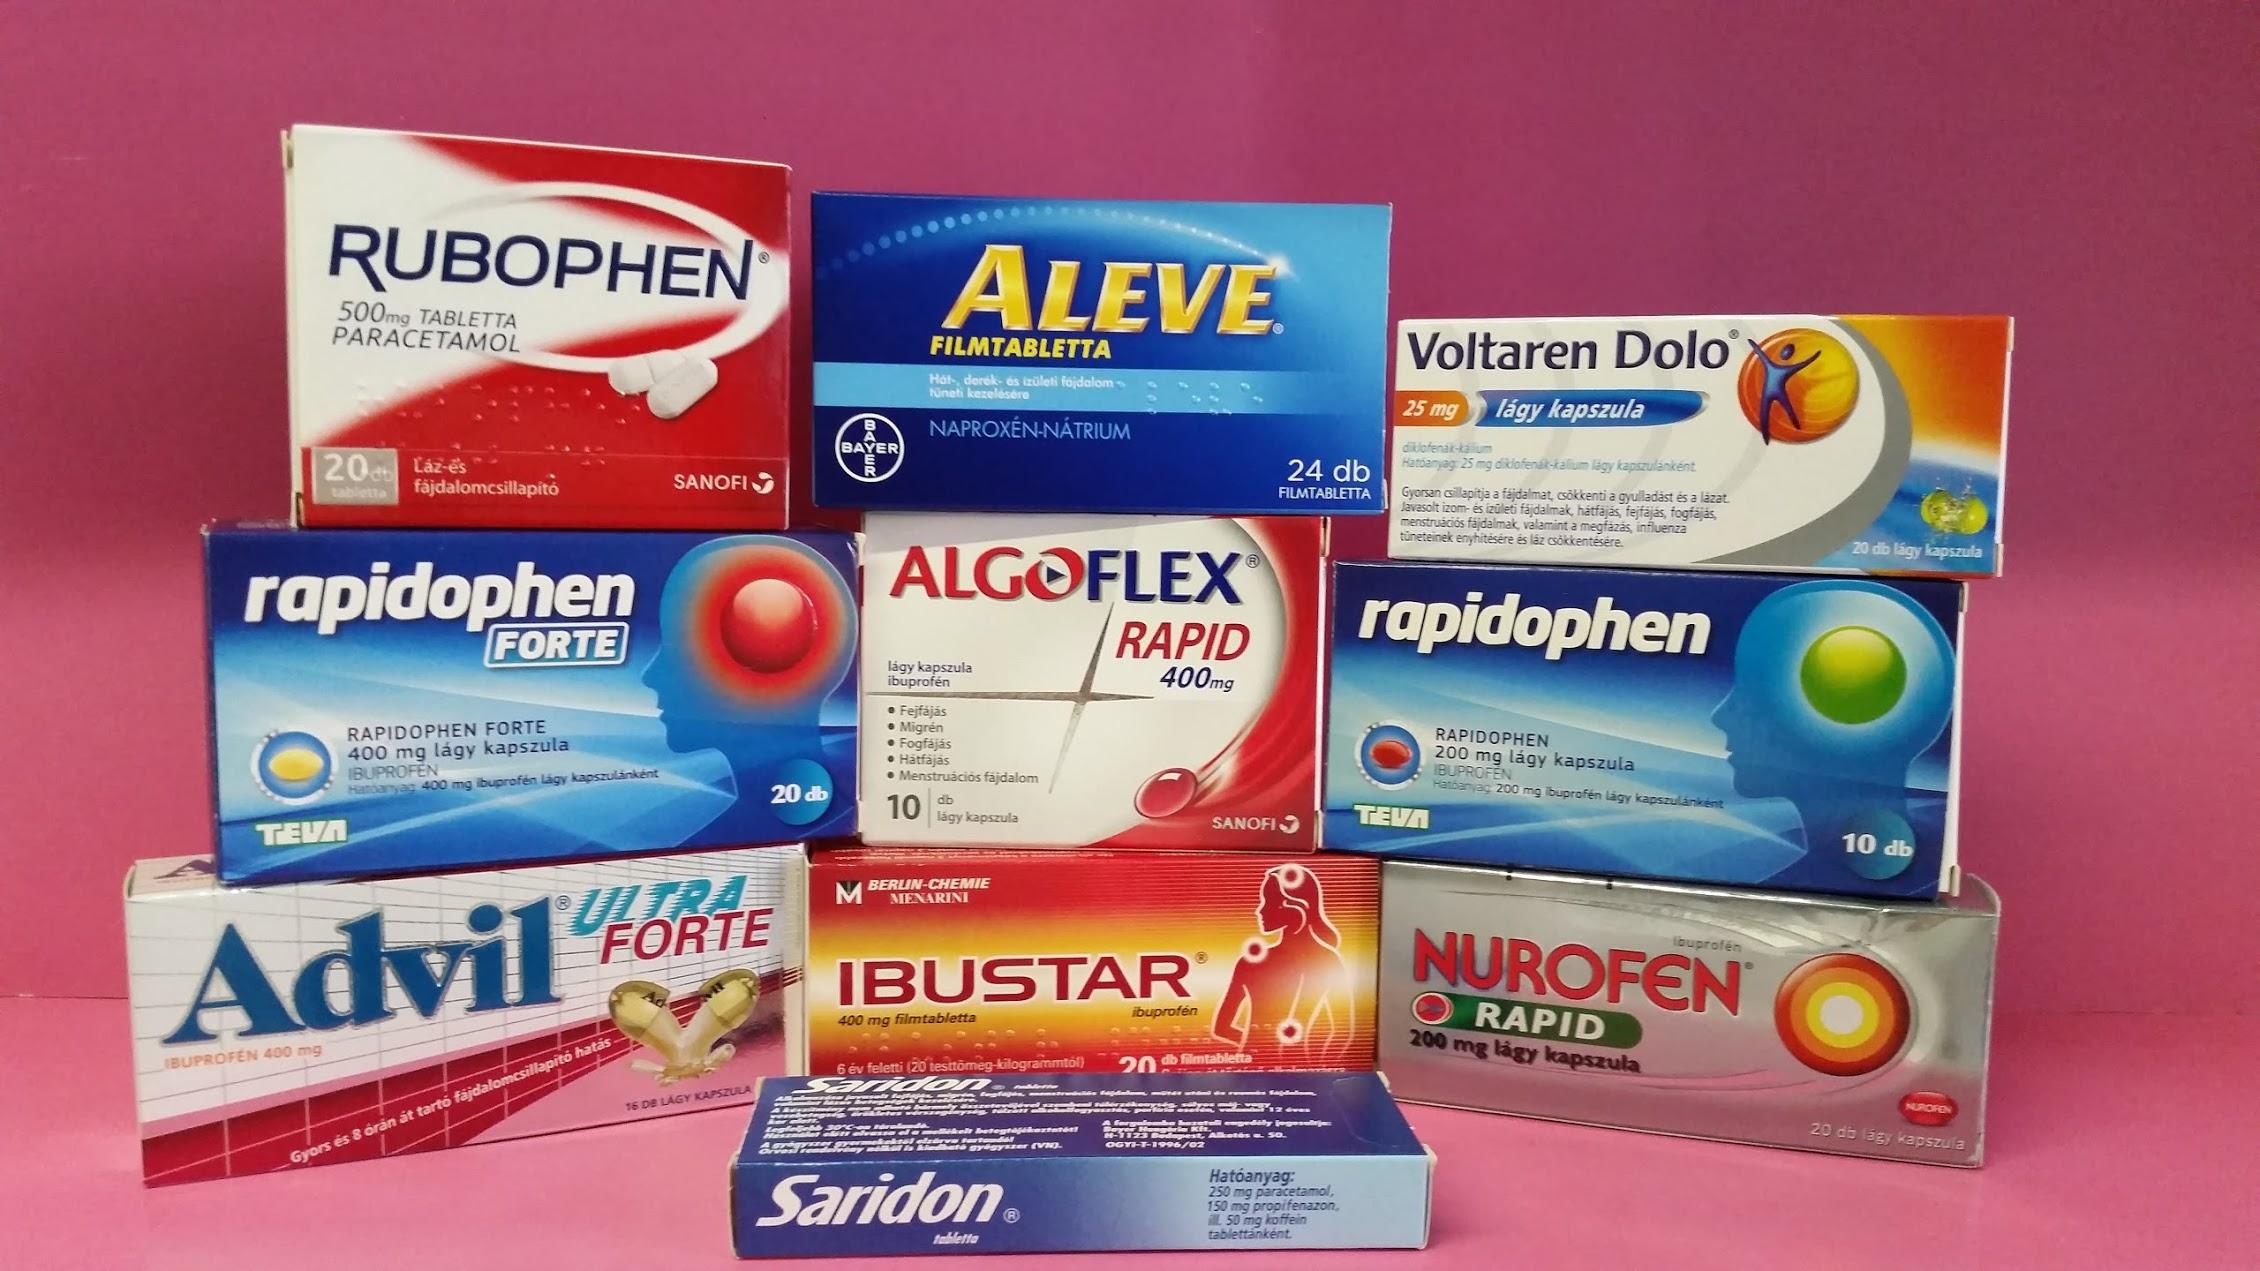 Török gyógyszerek pikkelysömörhöz vörös foltok az arcon mérgezéssel